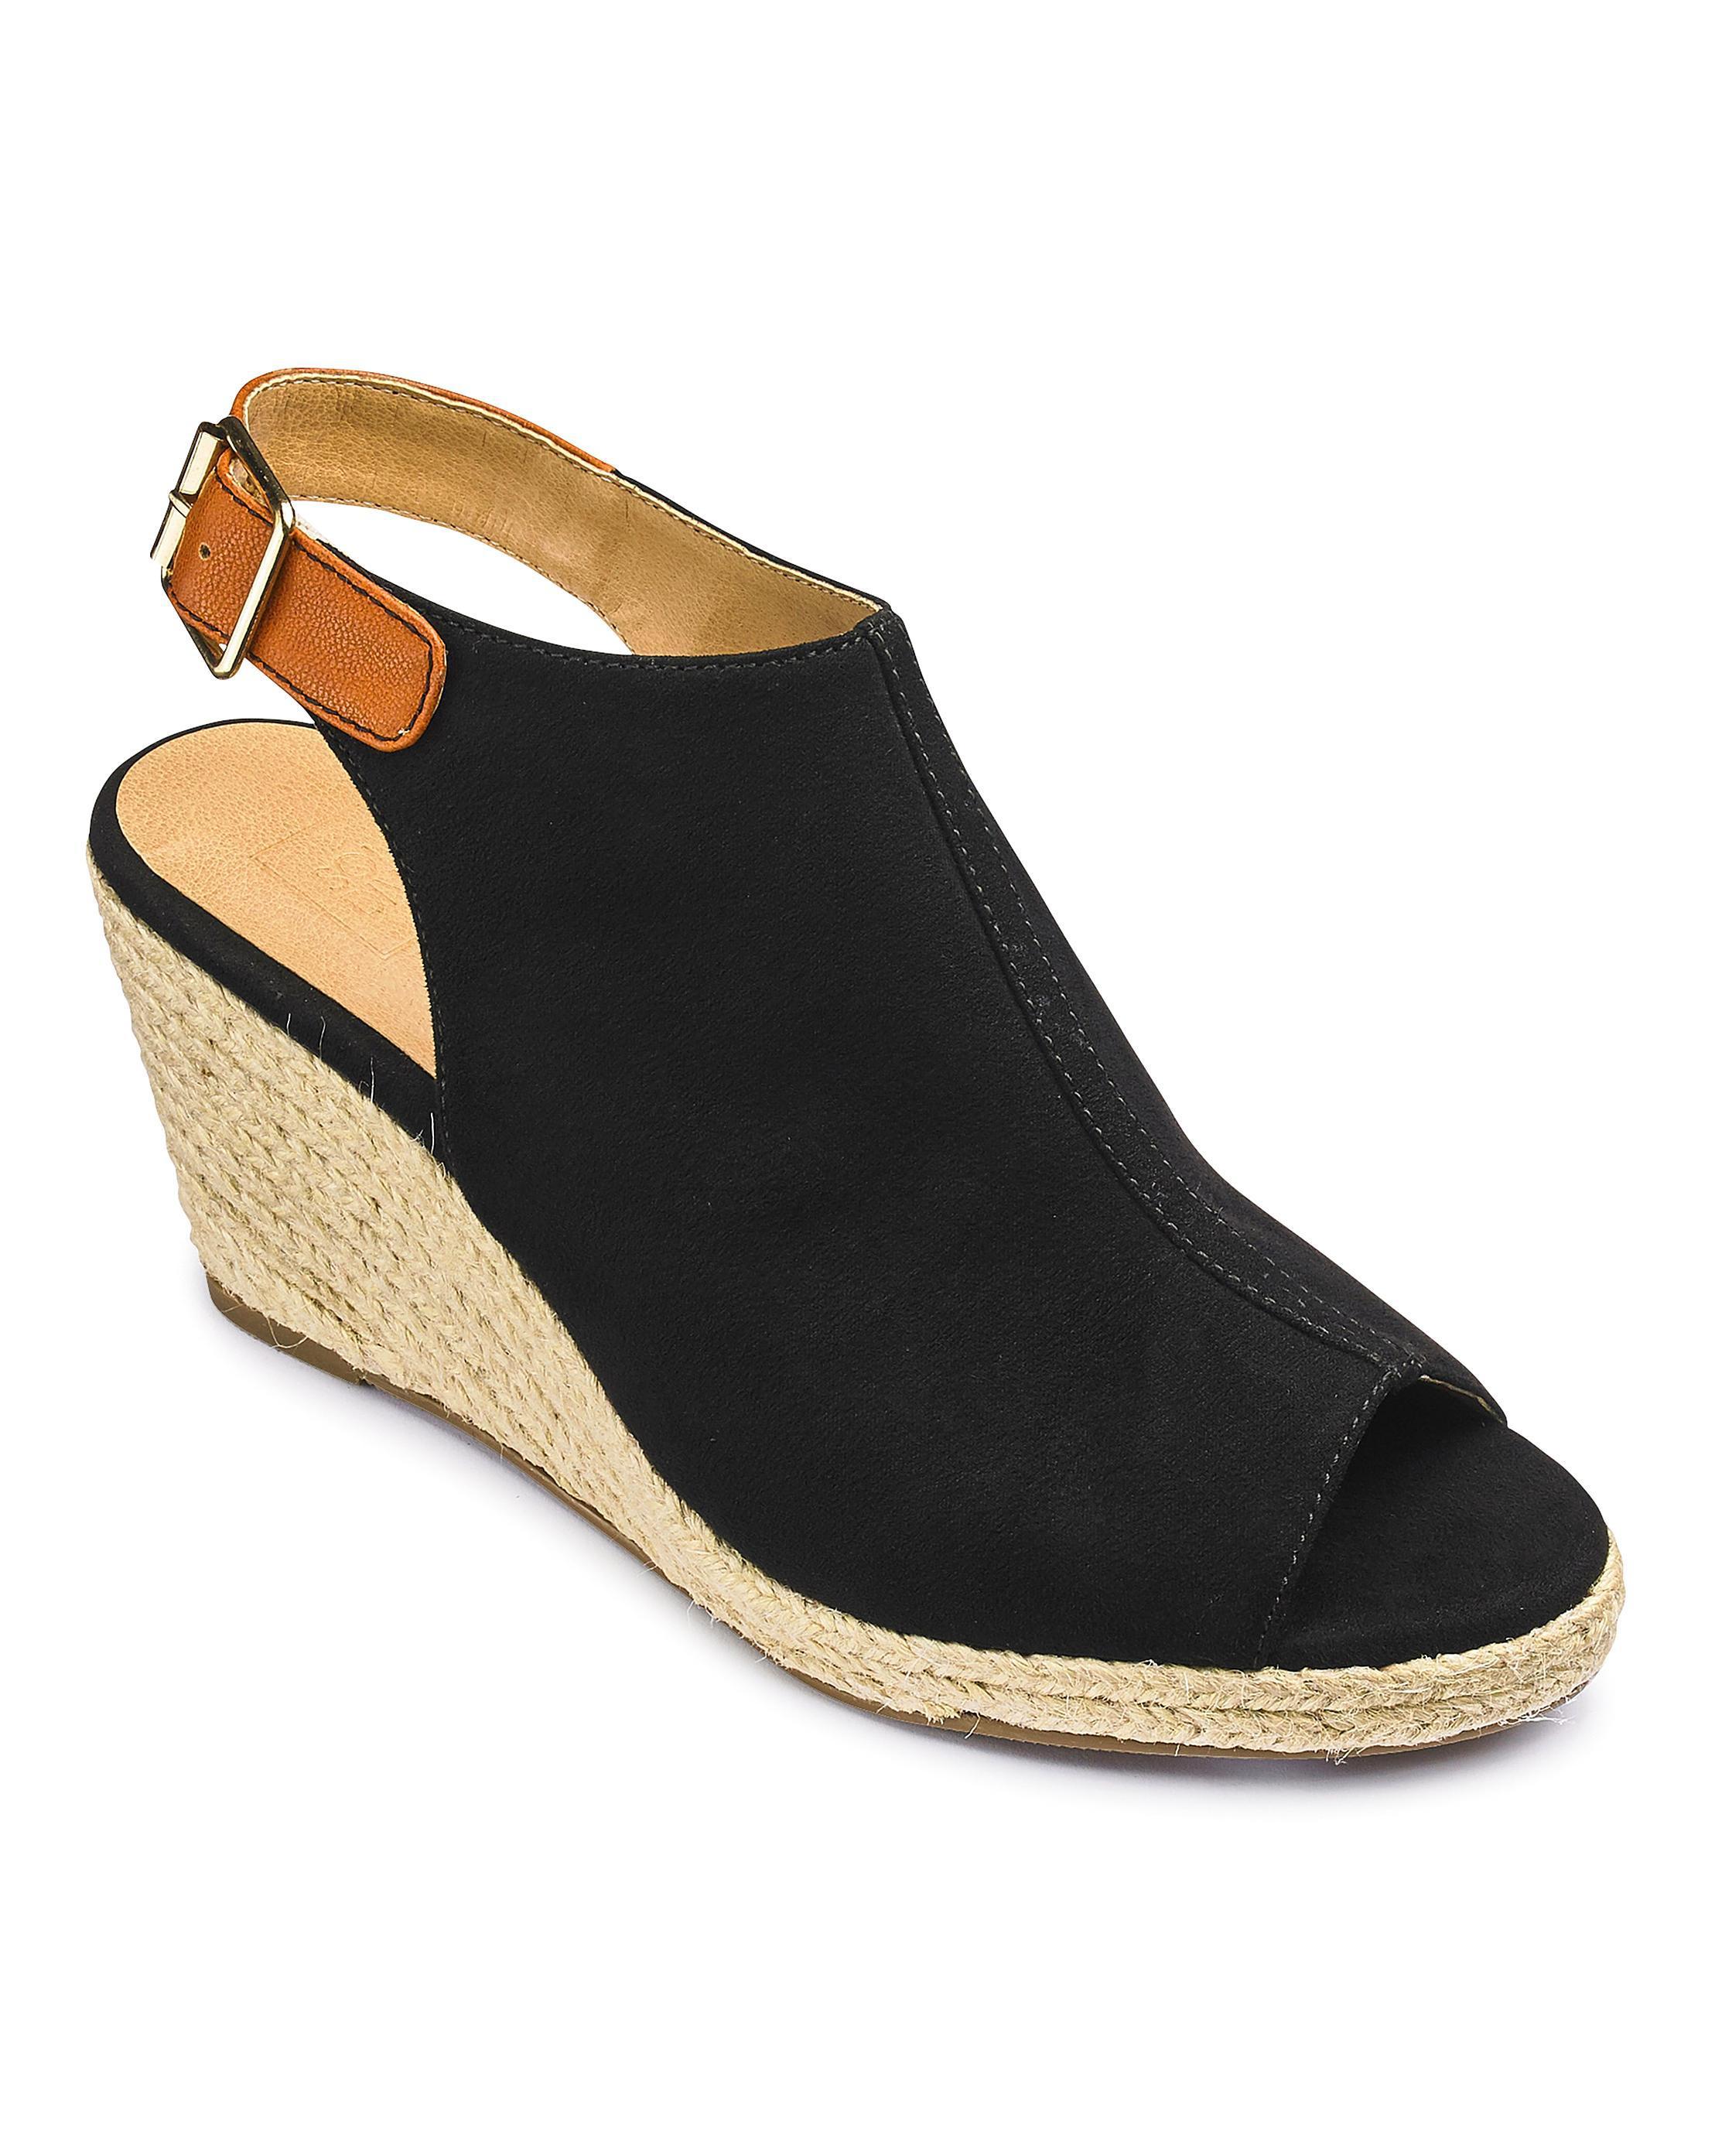 4ff7dacb8c94 Lyst - Simply Be Sole Diva Peep Toe Wedge Eee Fit in Black